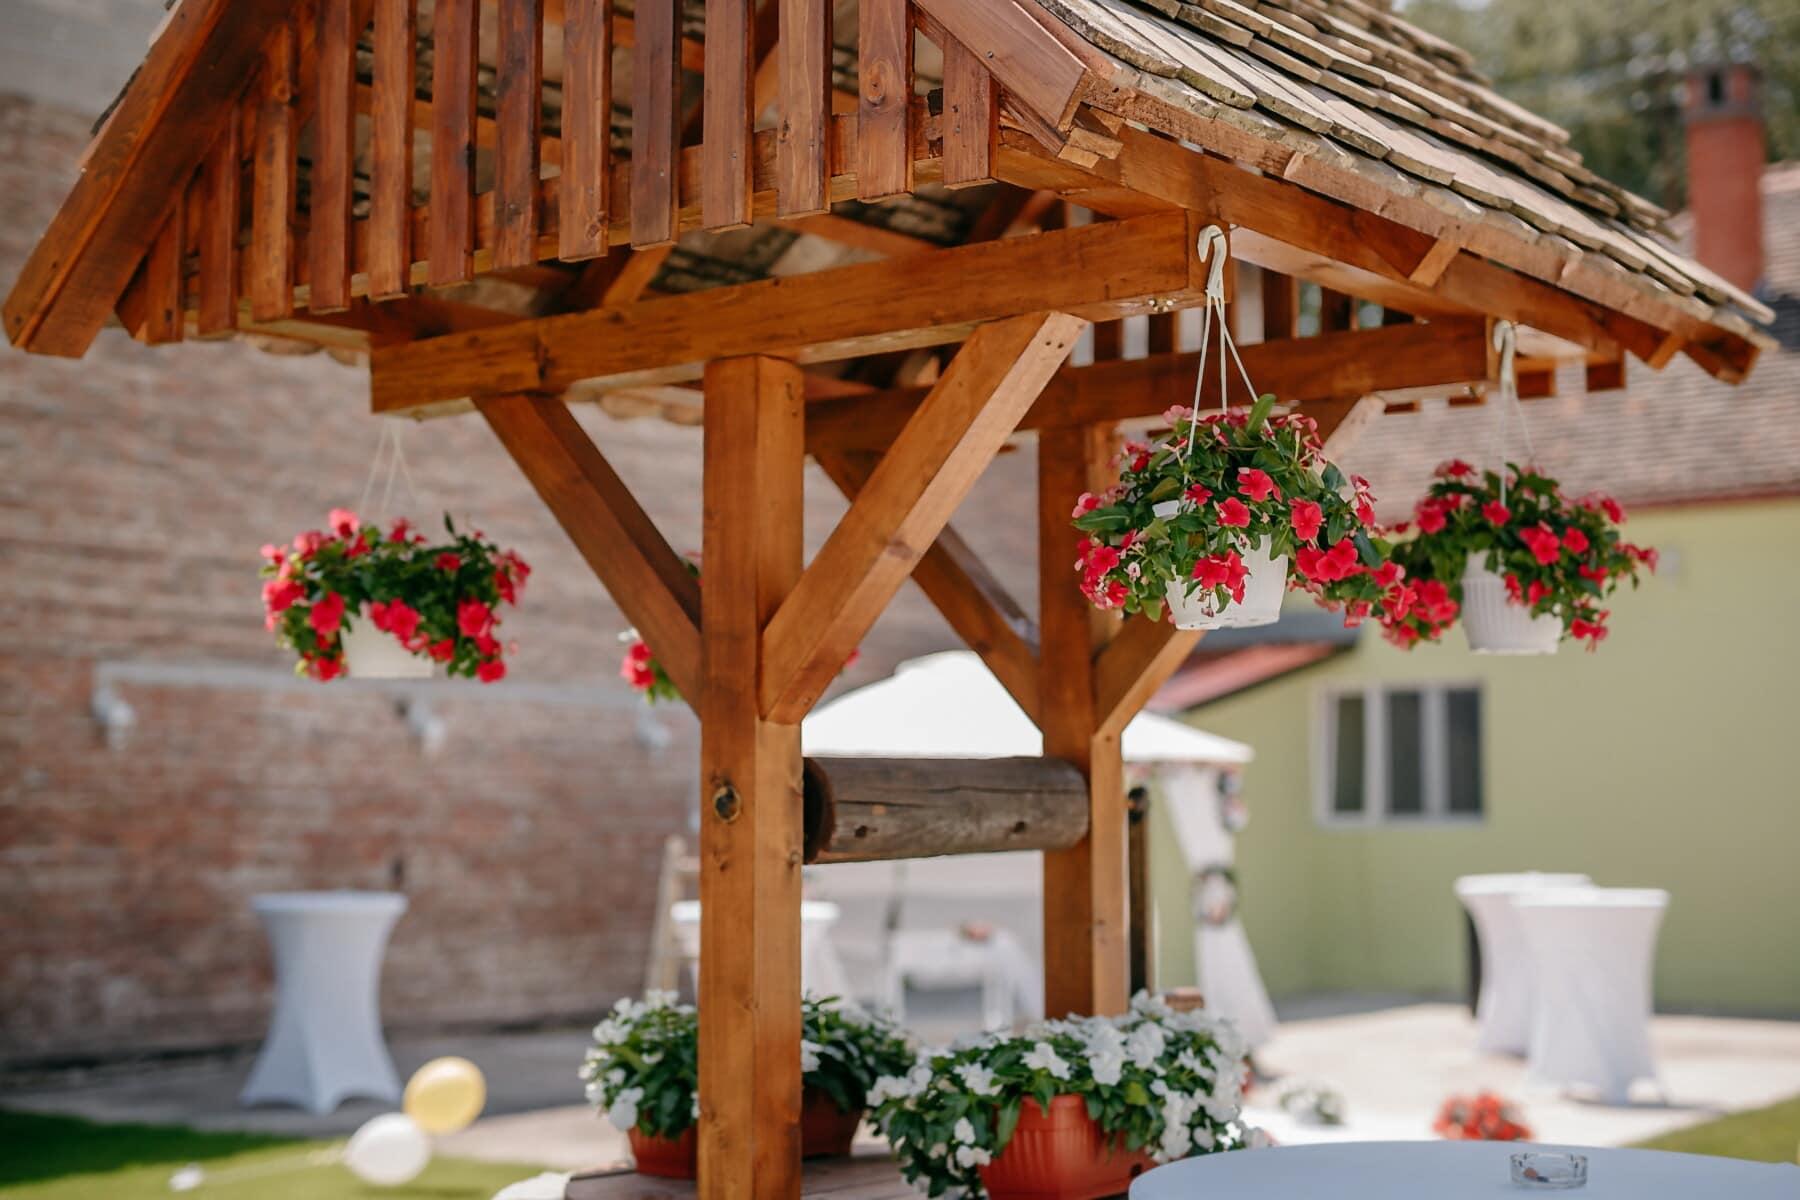 décoration, arrière-cour, pot de fleurs, suspendu, structure, bois, patio, région, maison, architecture